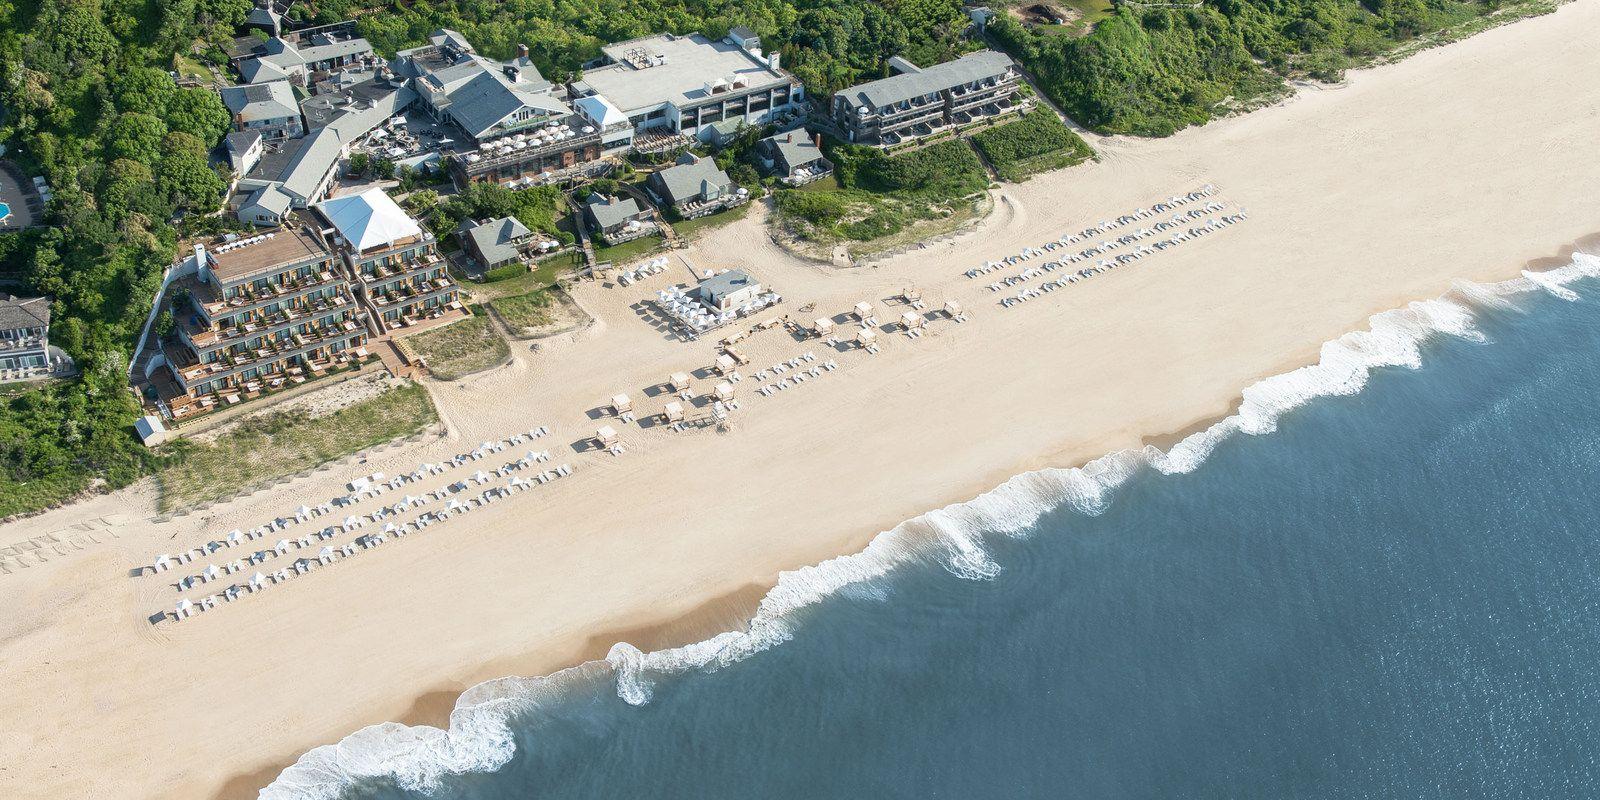 Beach Resorts Montauk New York